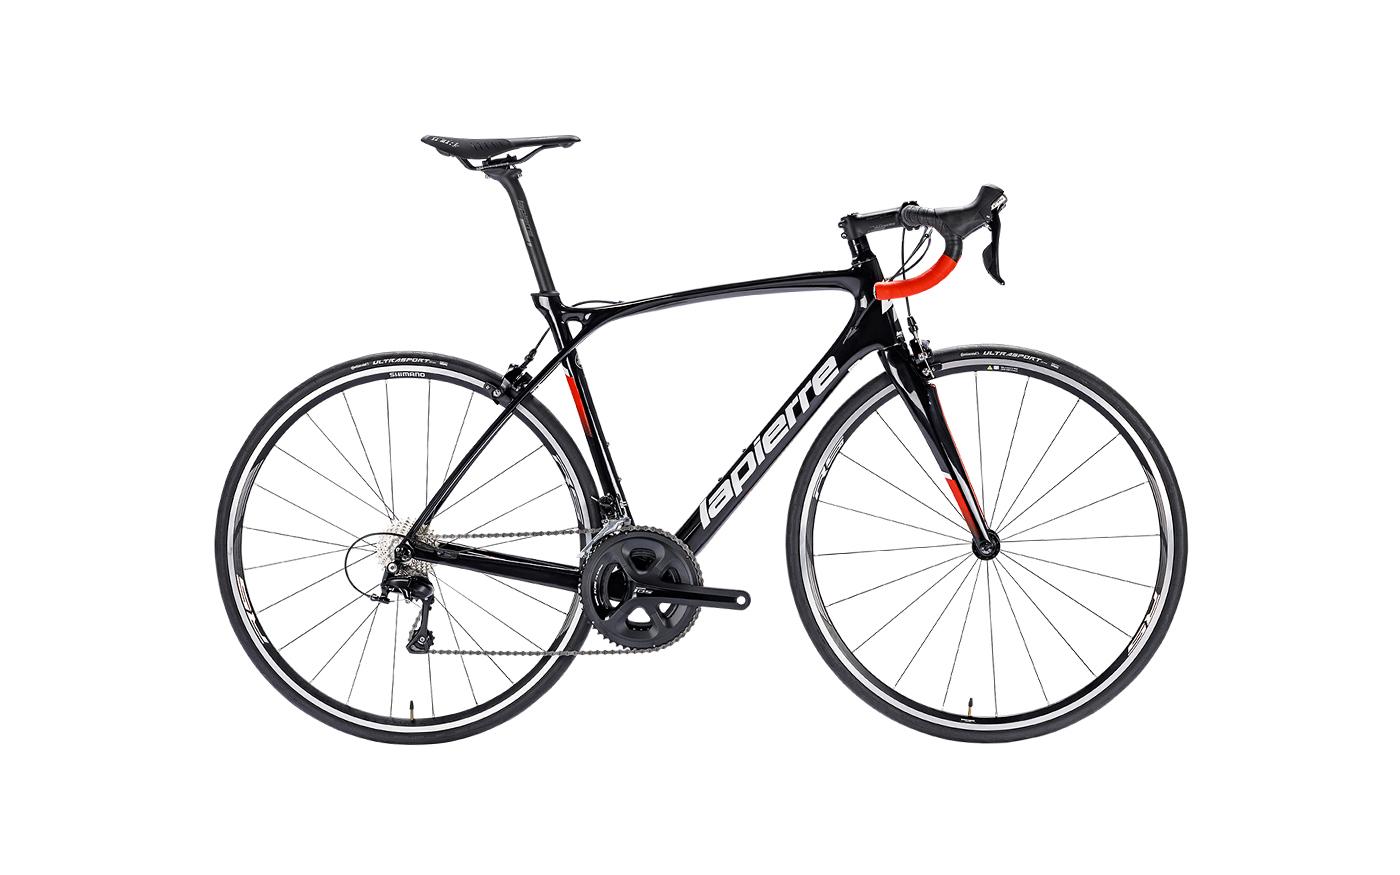 Bicykel LAPIERRE XELIUS SL 500  MC 2018